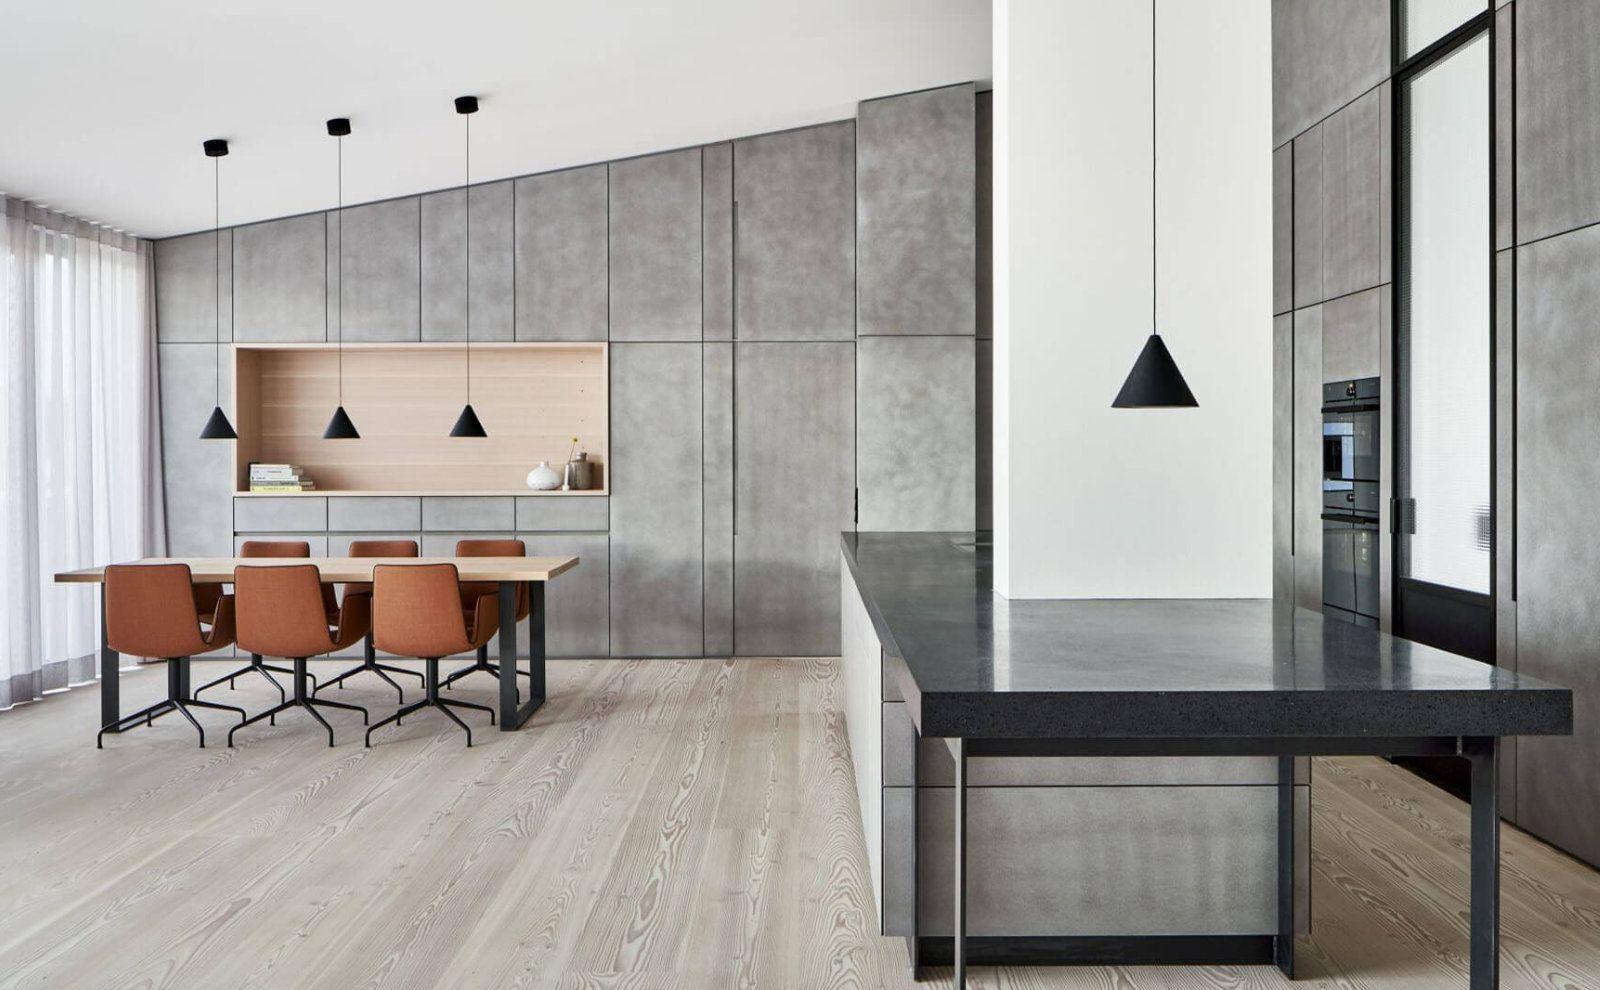 Industrie-Stil mit wohnlicher Wärme von DIIIP Architekten